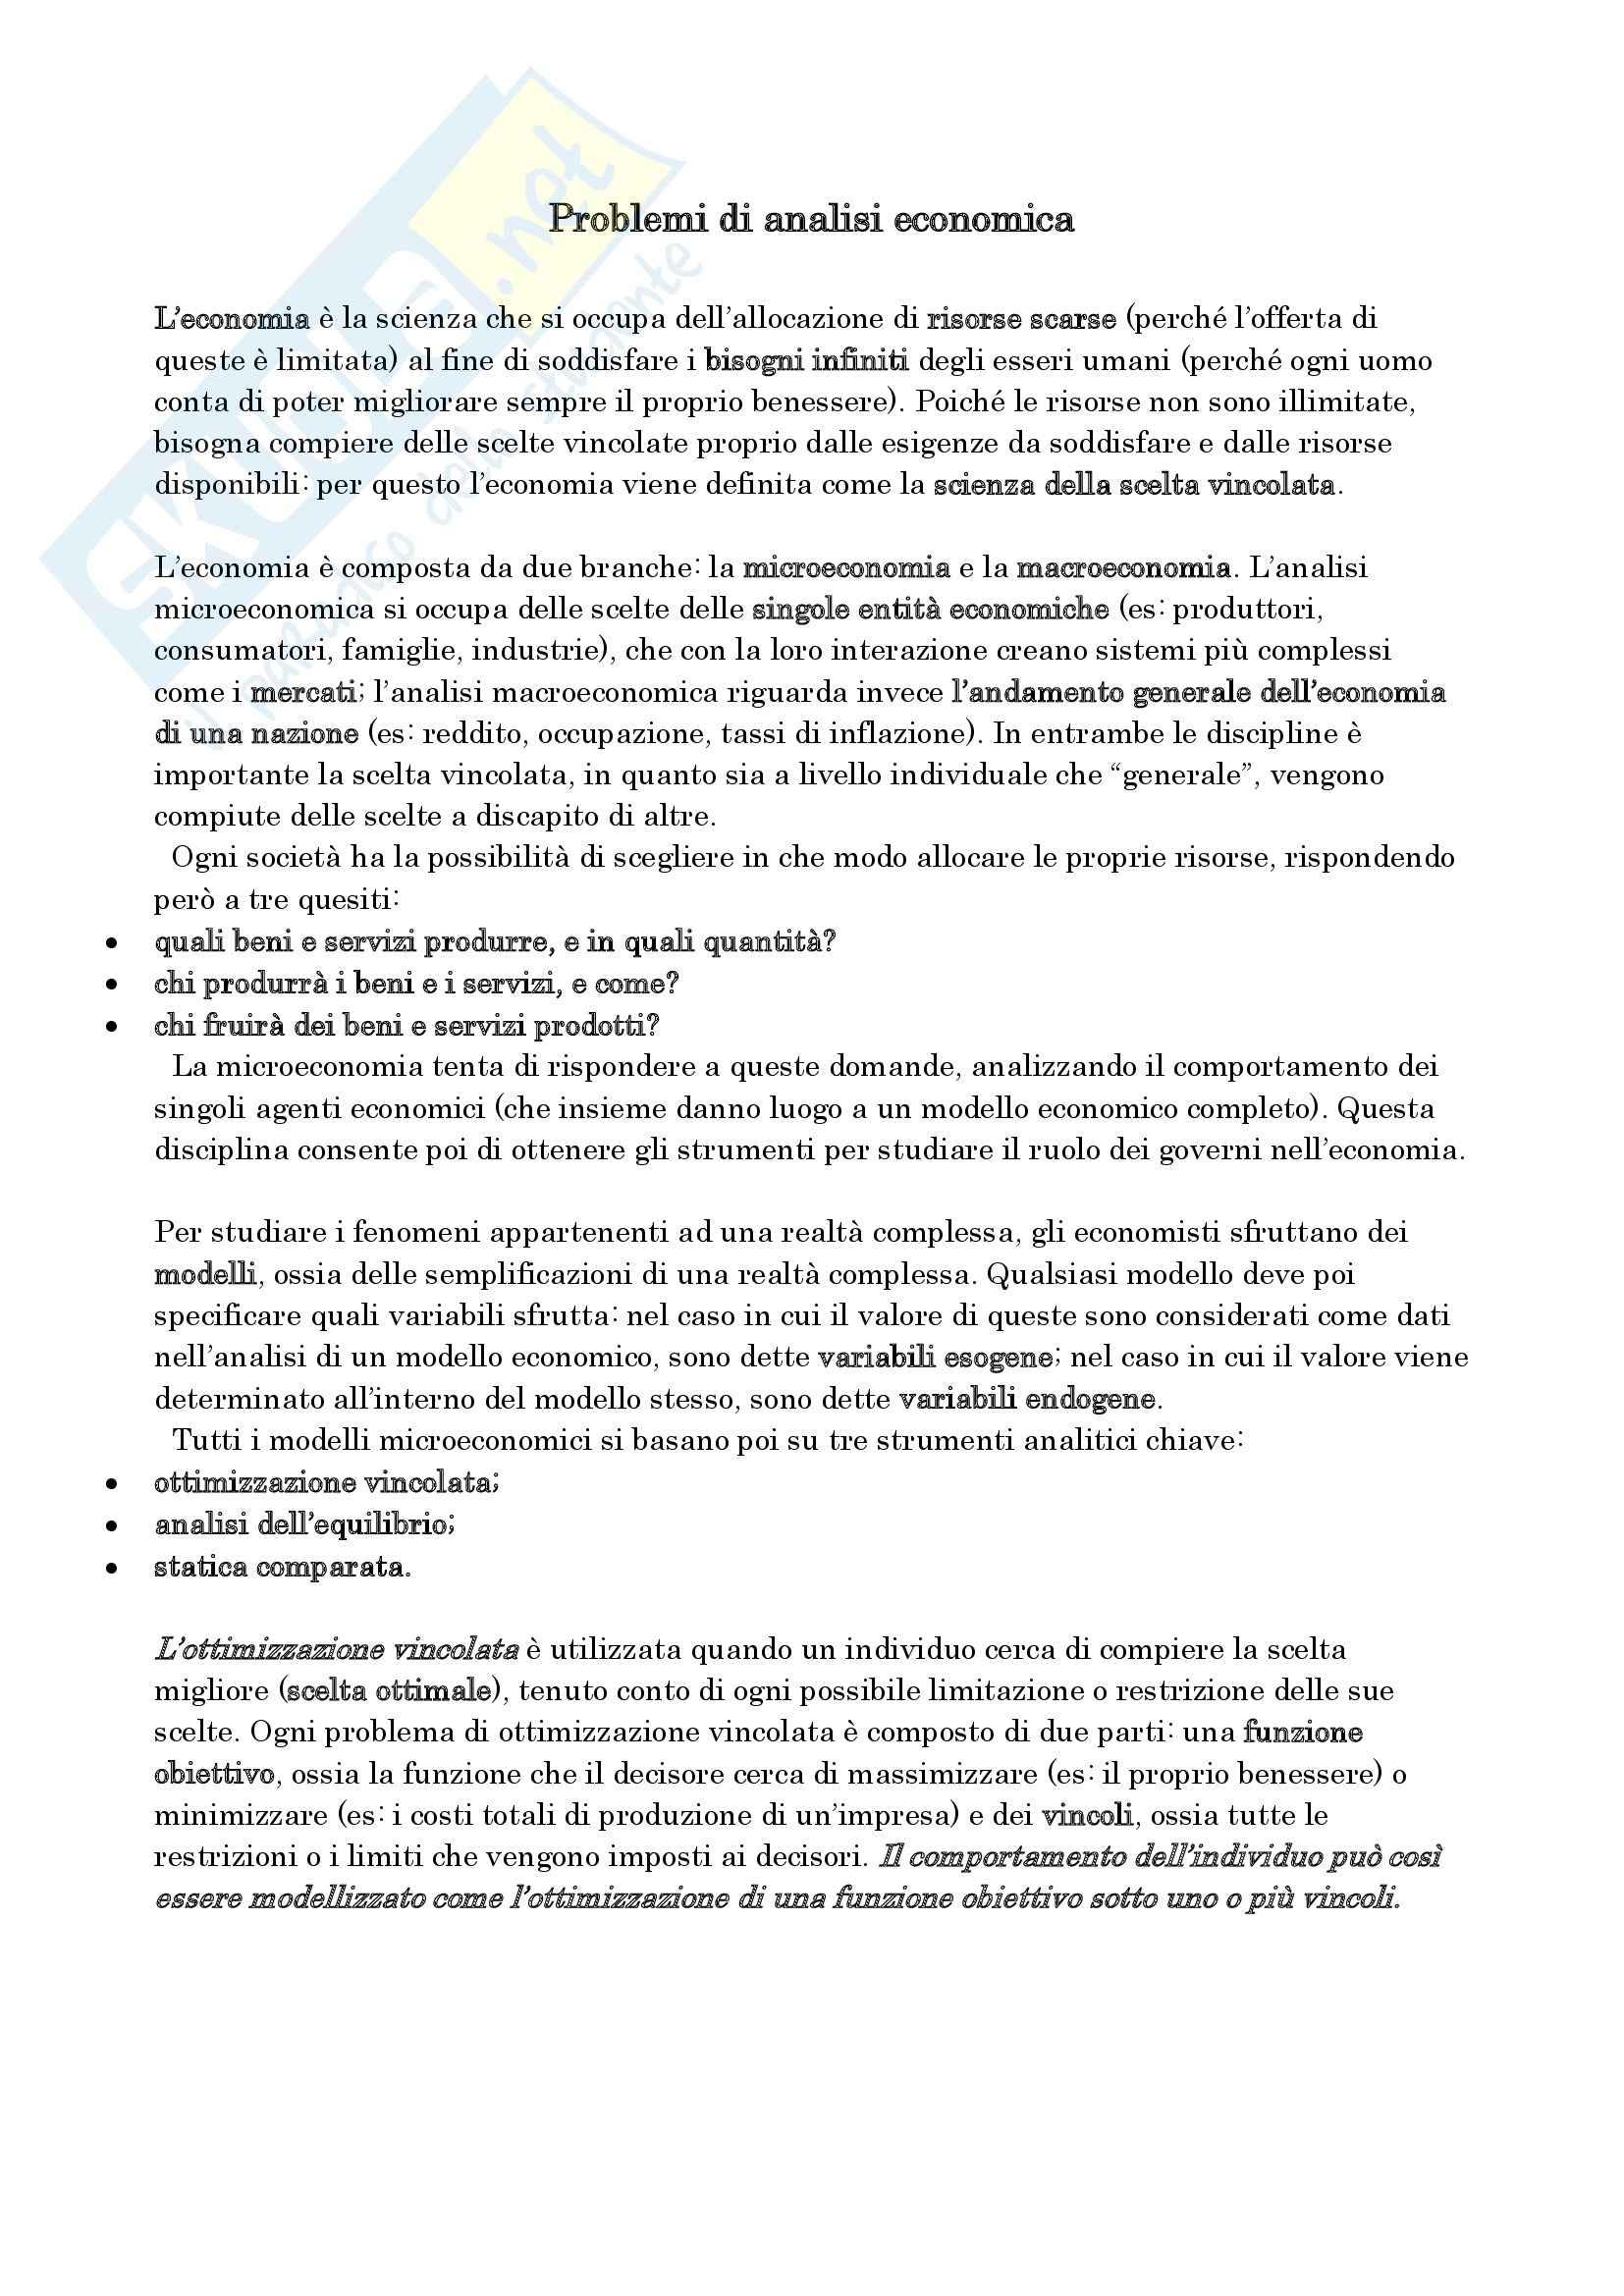 appunto G. Immortino Microeconomia e complementi di microeconomia